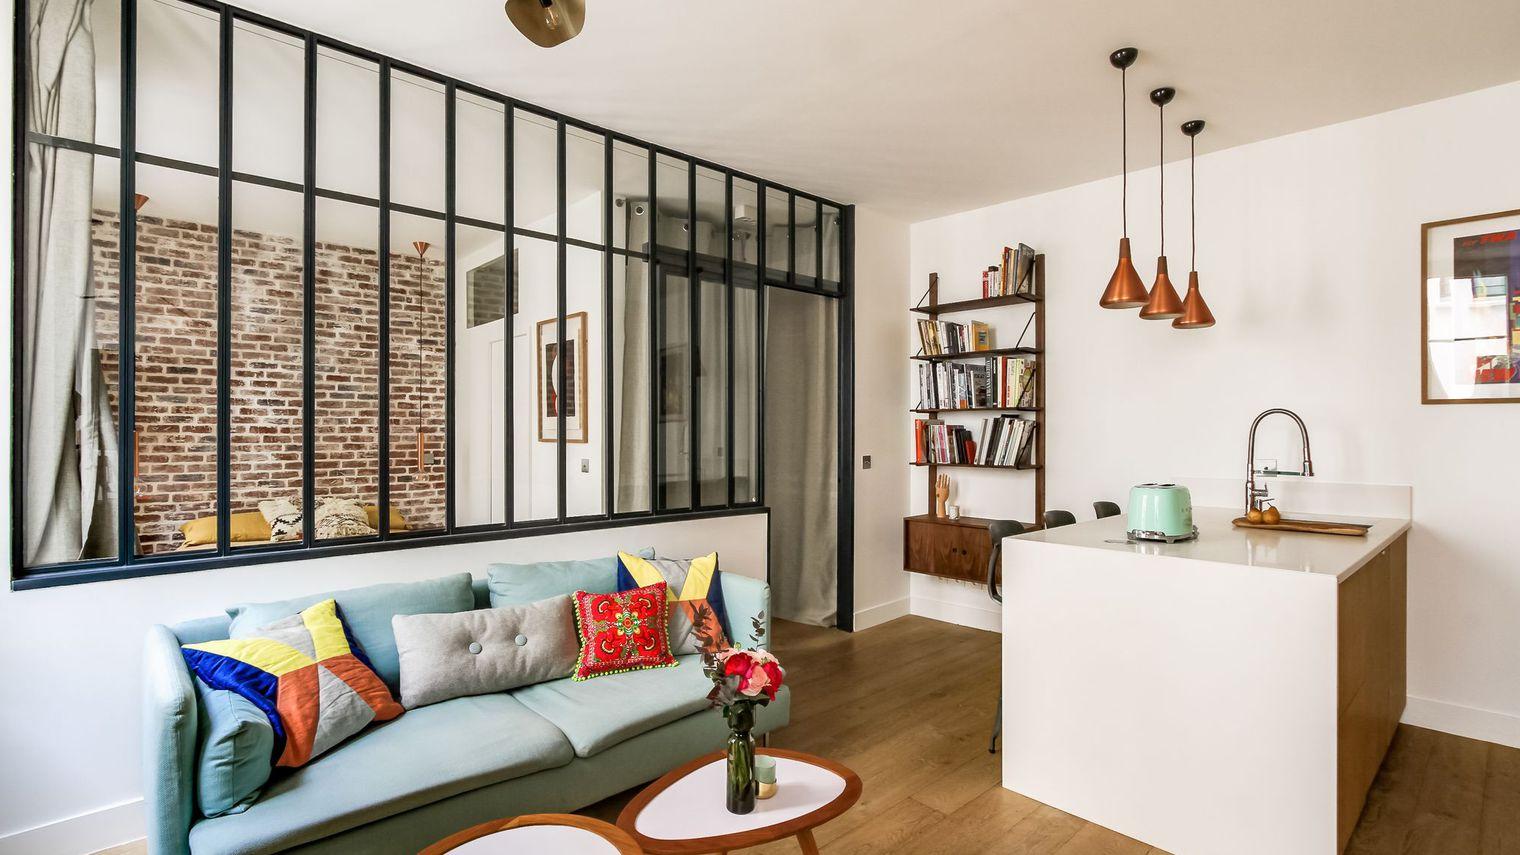 Однокомнатная квартира в современном стиле яркая